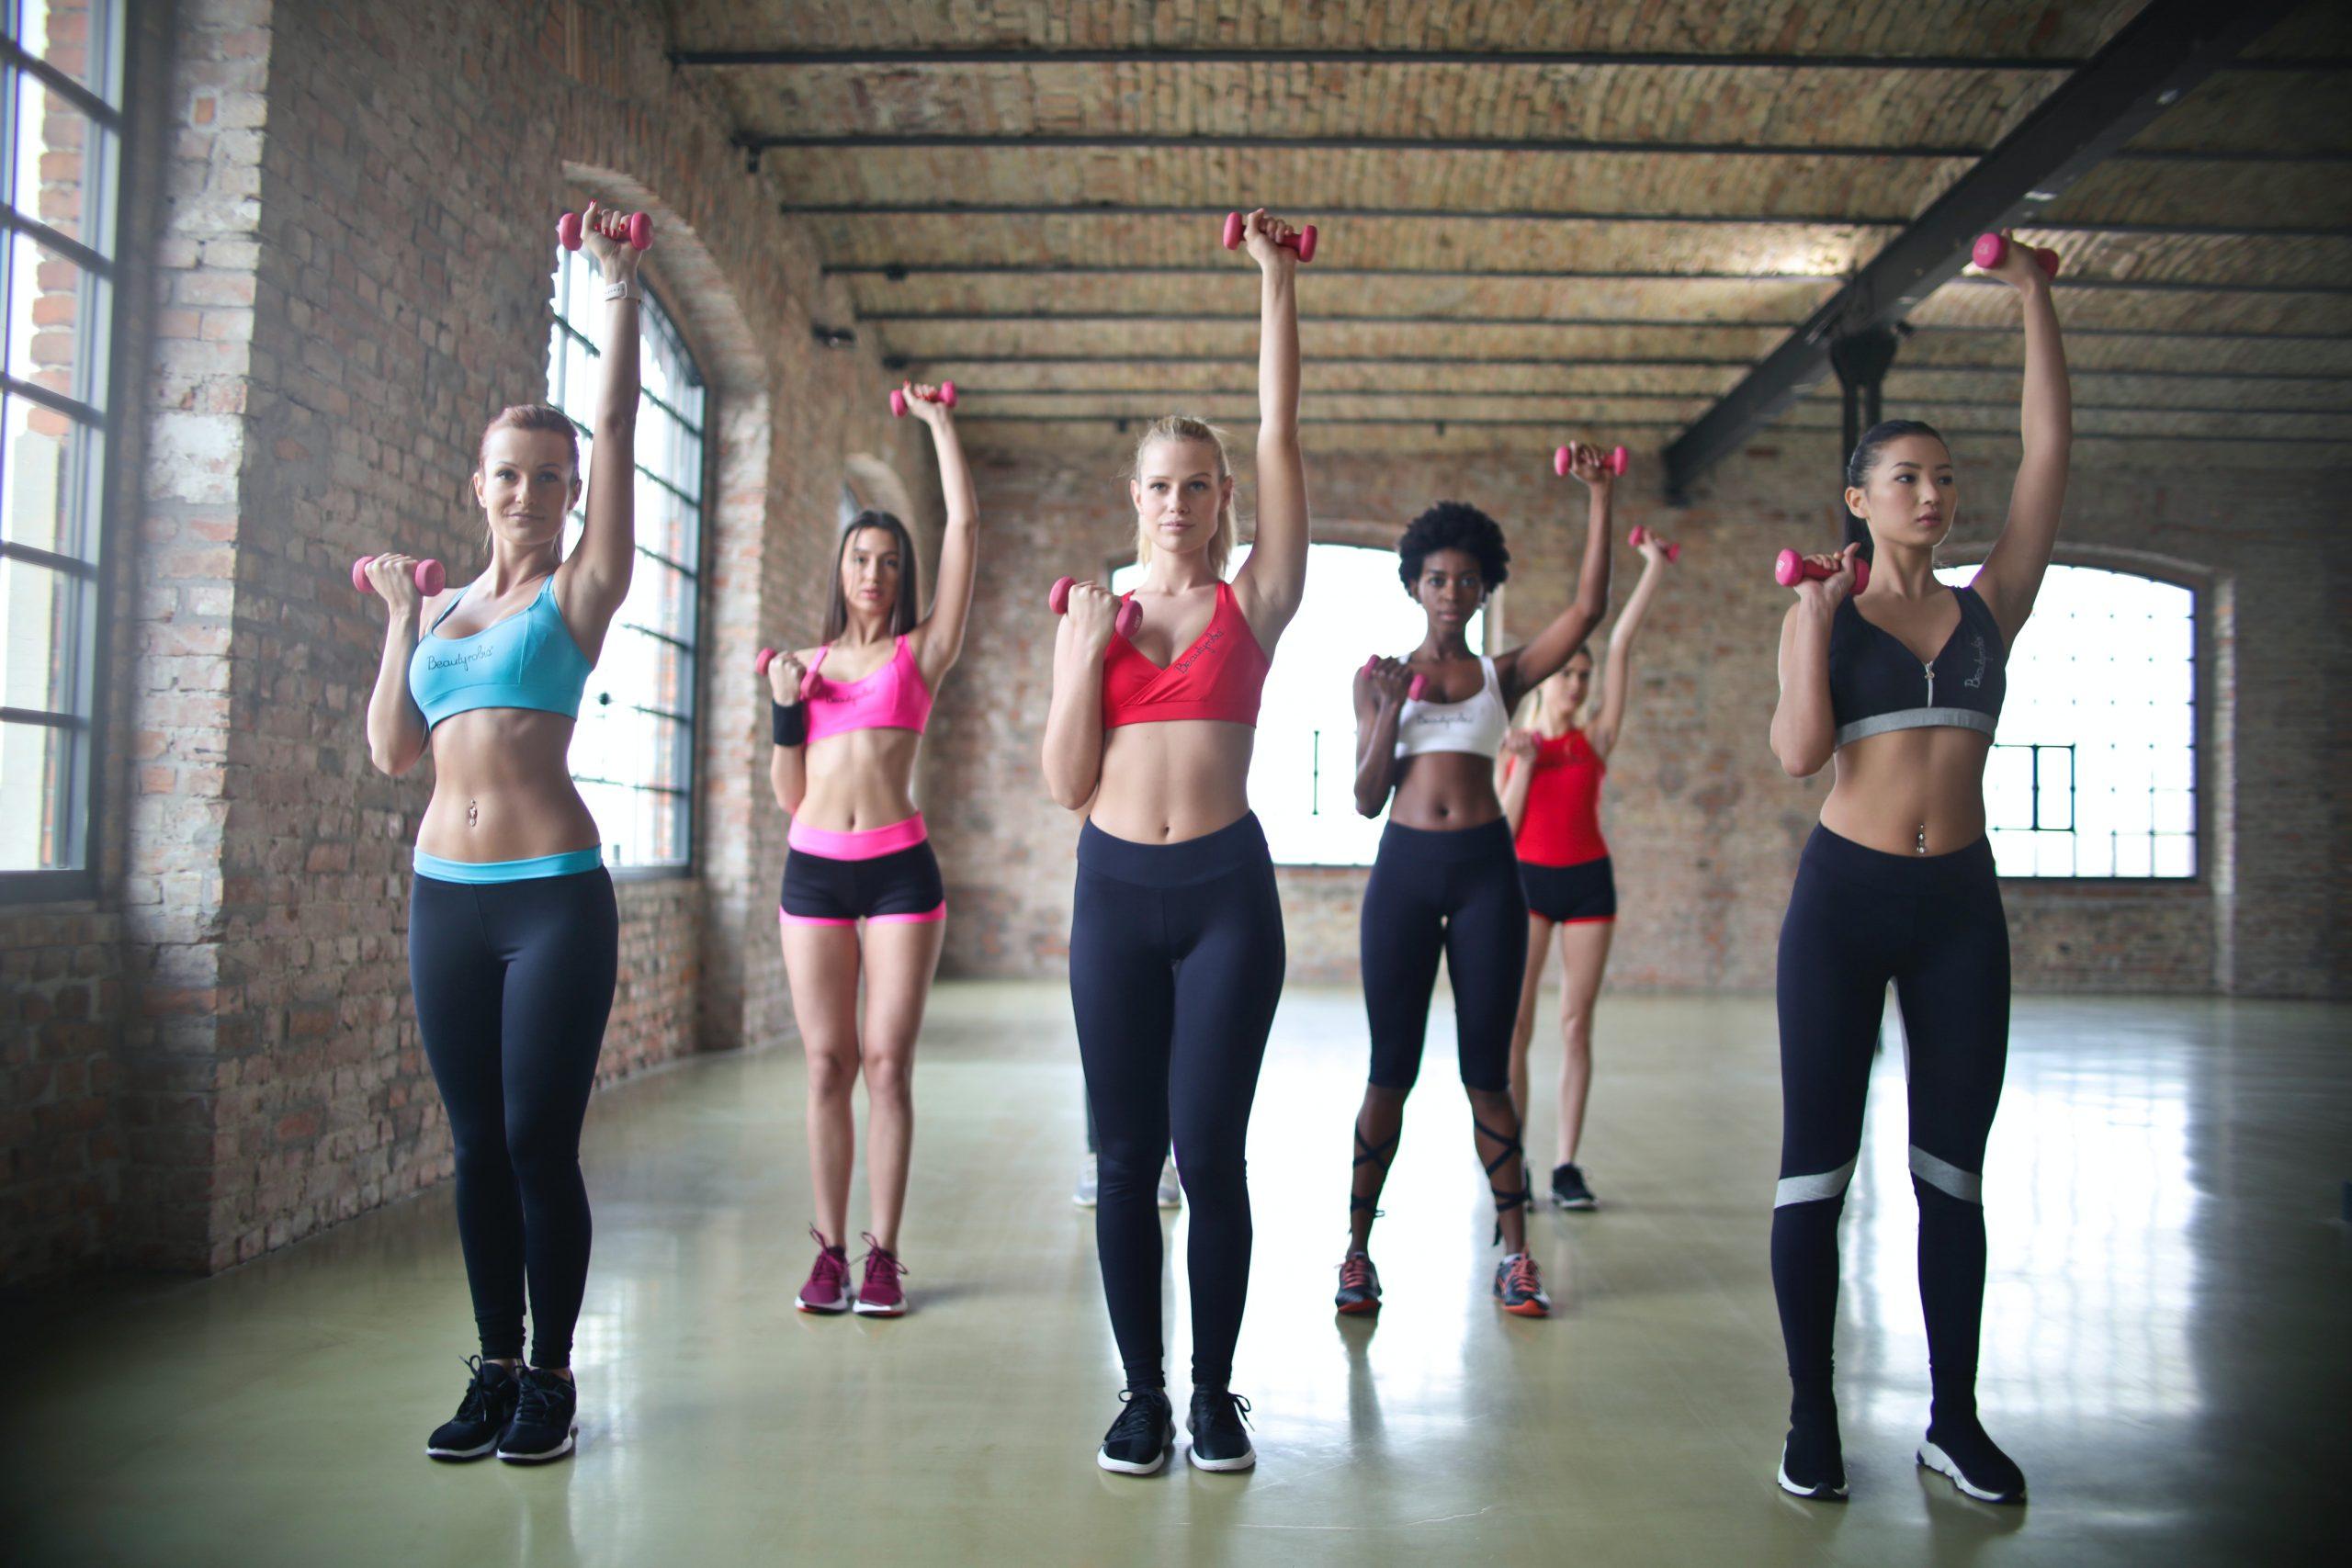 Imagem de um grupo de mulheres fazendo uma aula de ginástica.